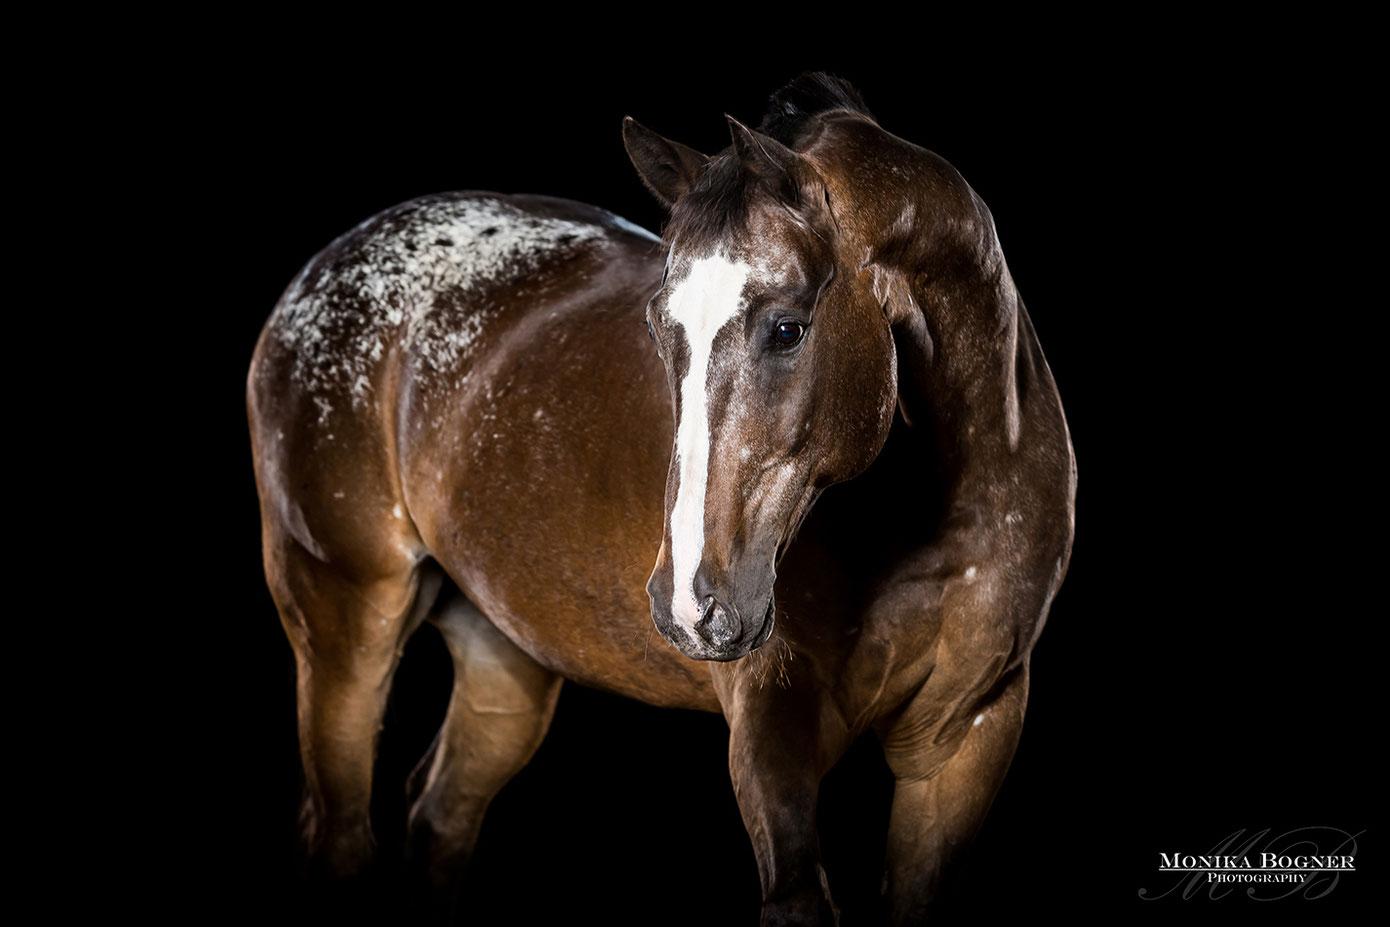 Ganz und zu Extrem Pferde im Studio - Monika Bogner Photography - Pferdefotografie &OD_51